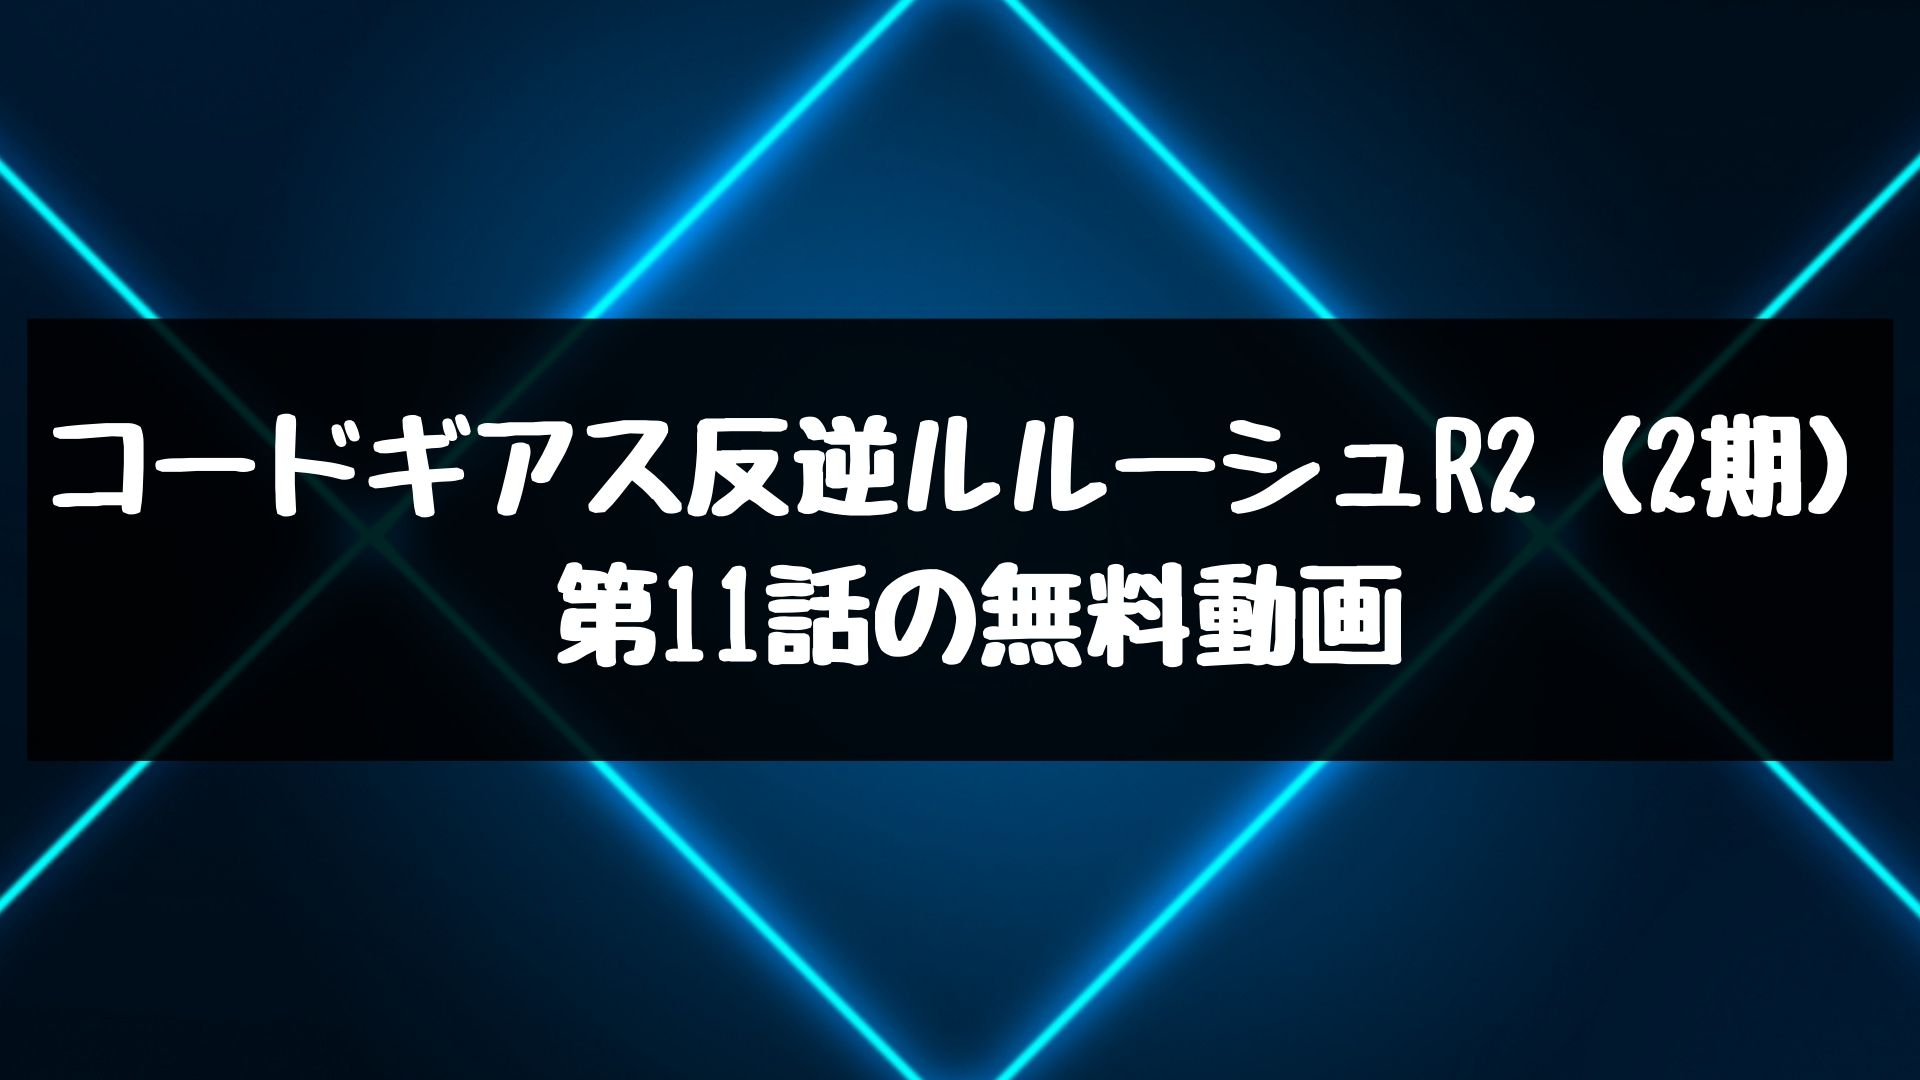 コードギアス反逆ルルーシュR2(2期) 第11の無料動画